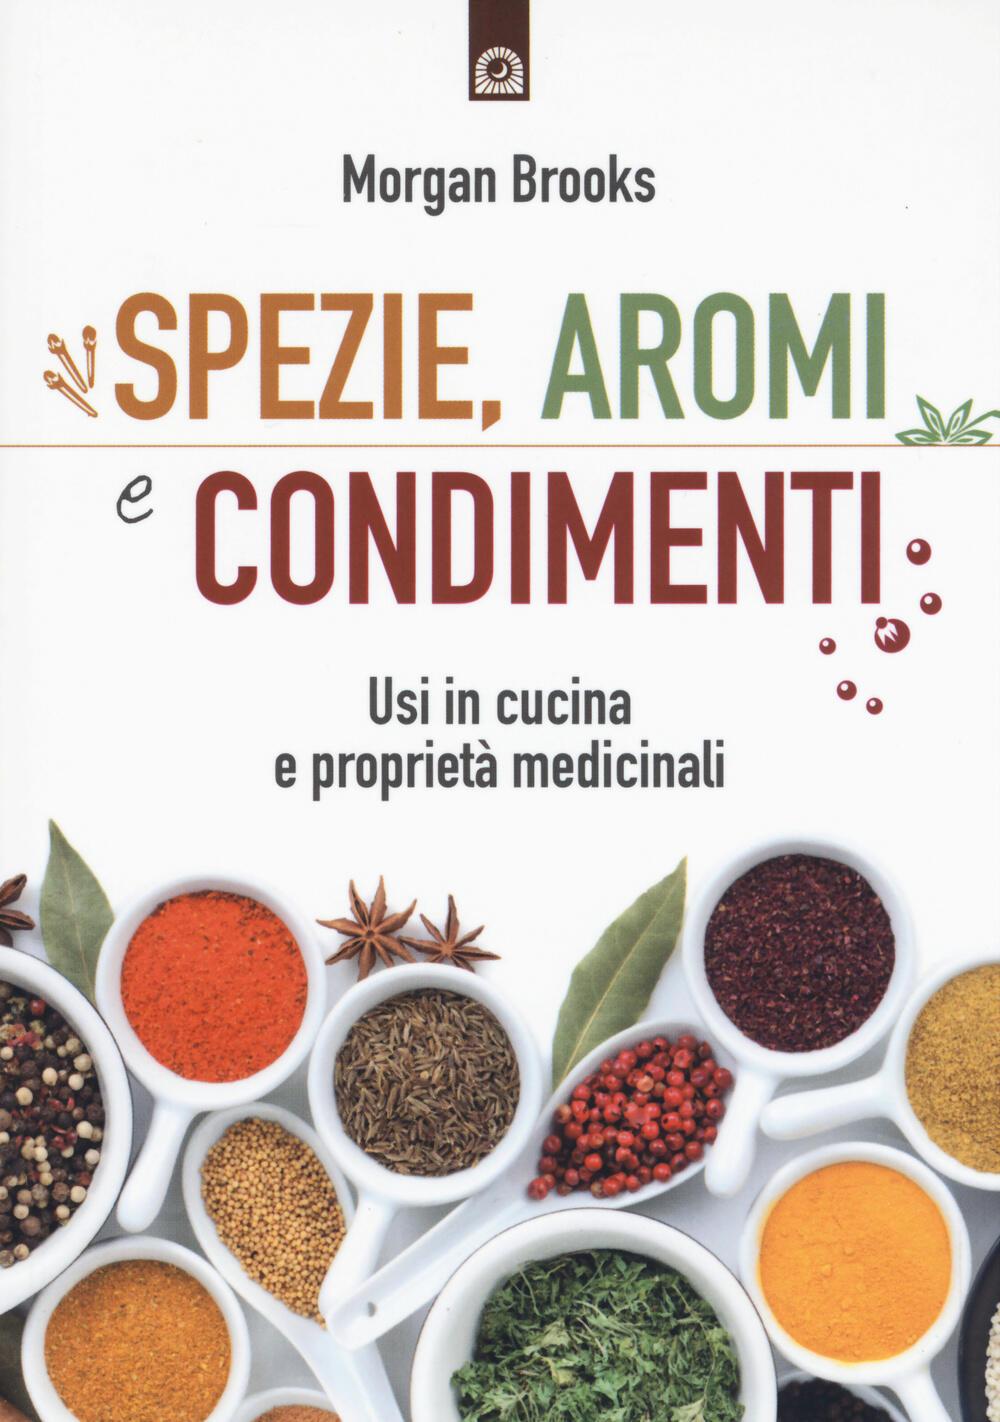 Spezie aromi e condimenti usi in cucina e propriet medicinali morgan brooks libro il - Aromi in cucina ...